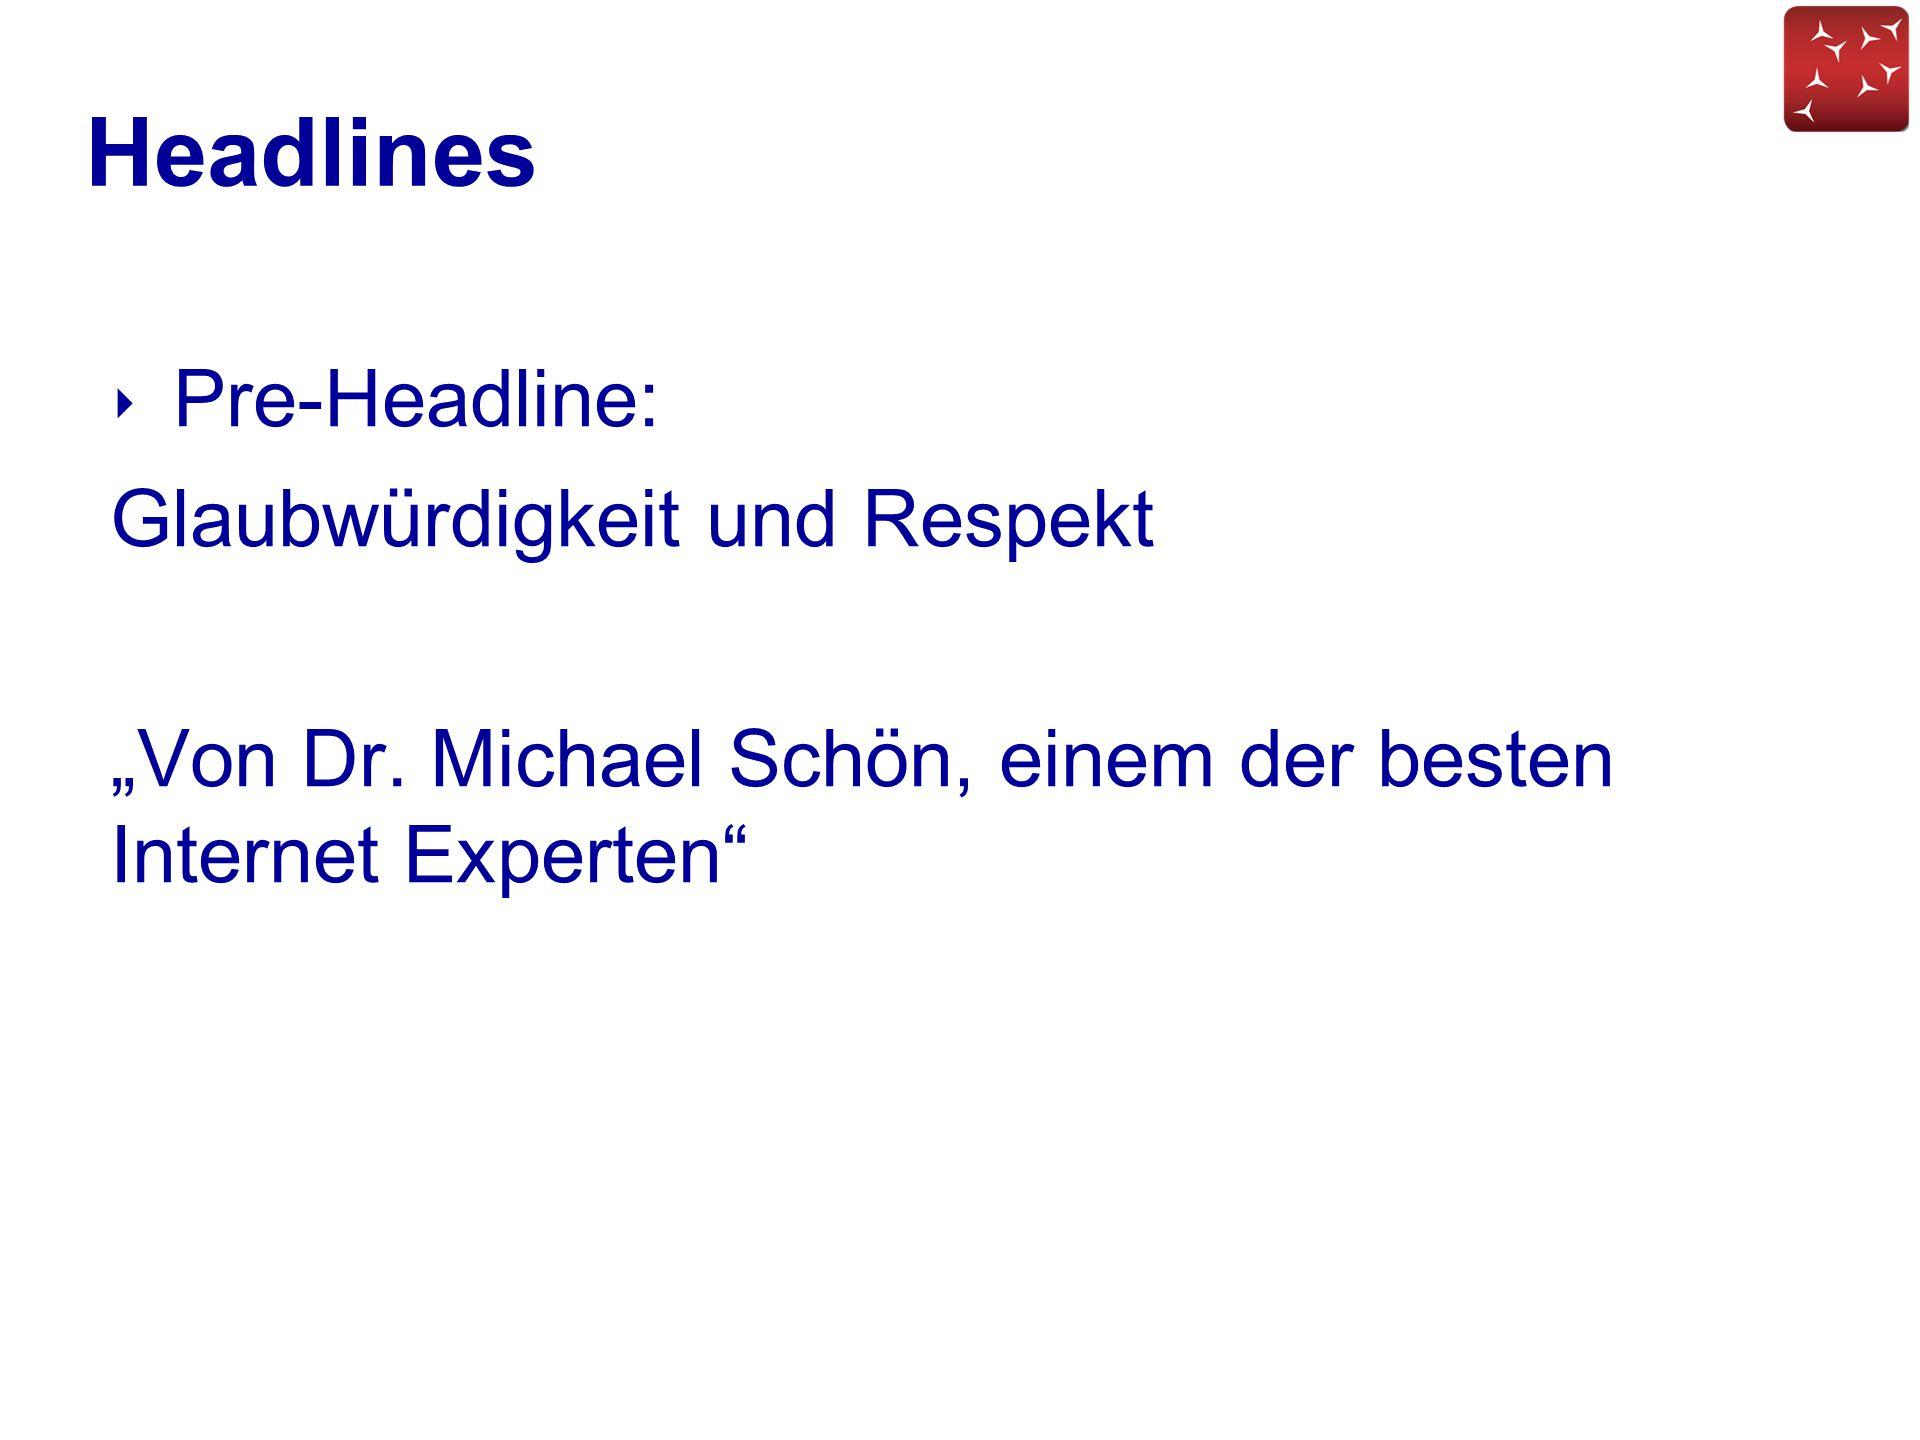 Headlines Pre-Headline: Glaubwürdigkeit und Respekt